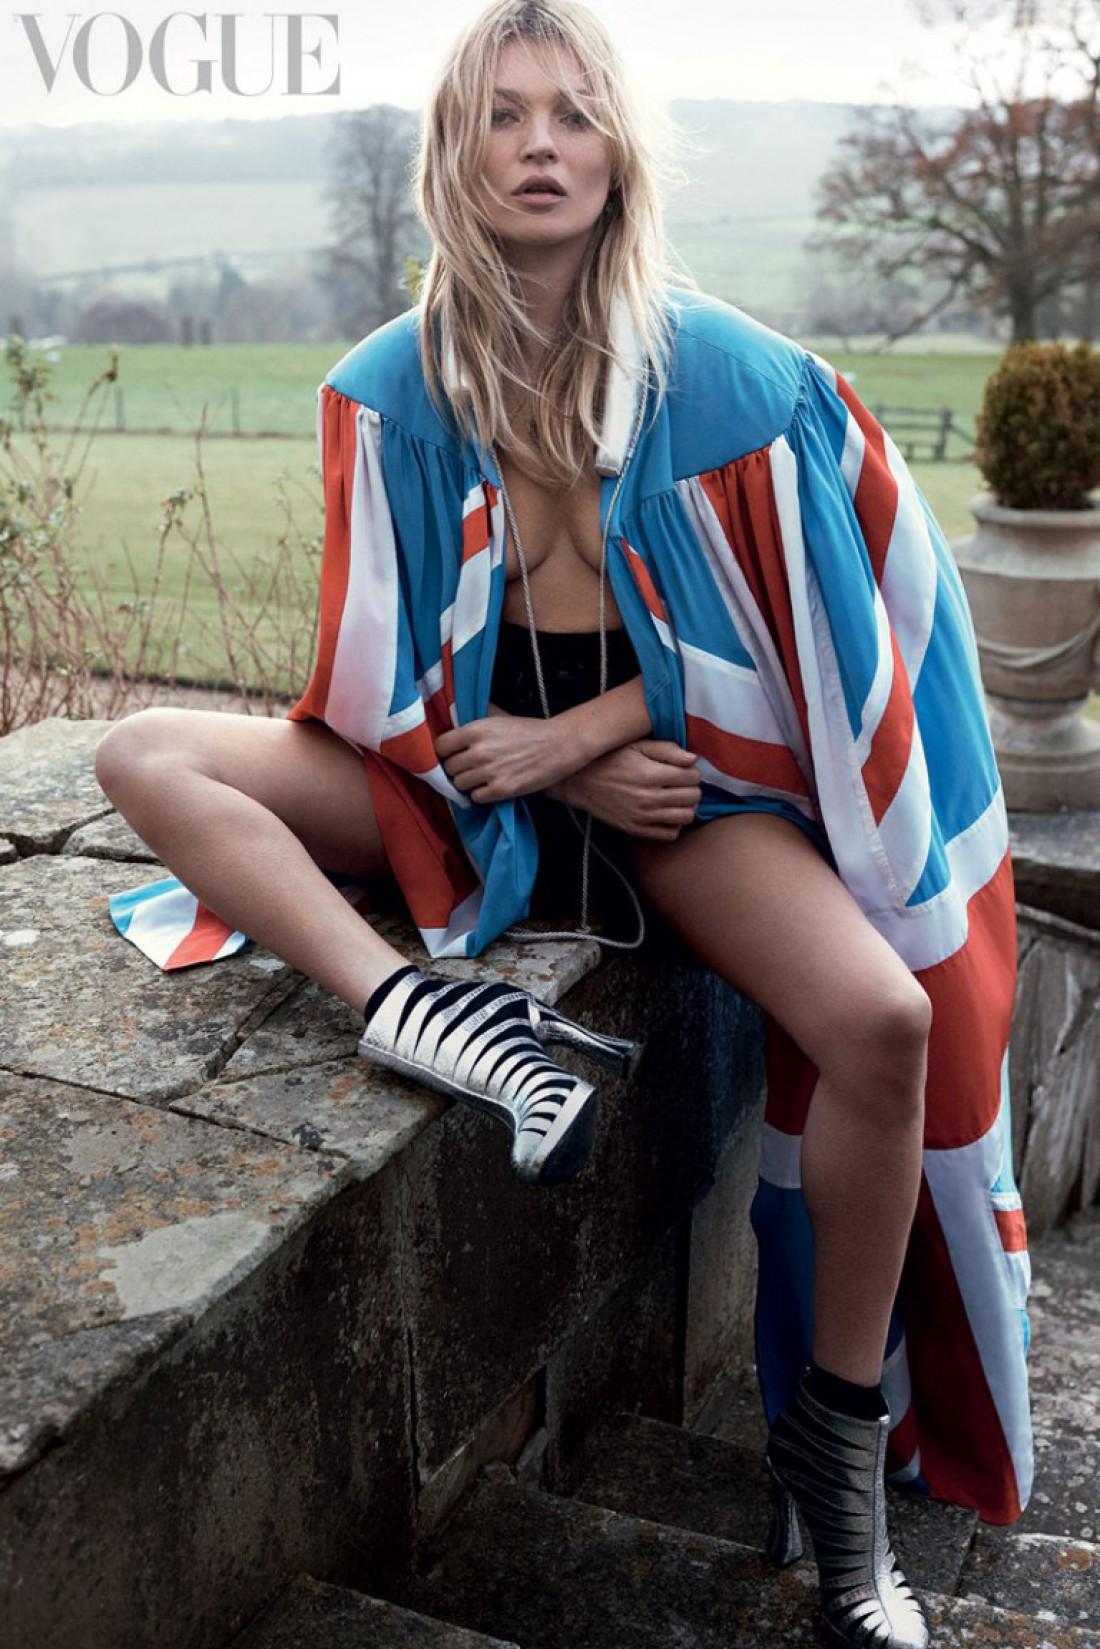 Кейт Мосс в новой фотосессии Vogue